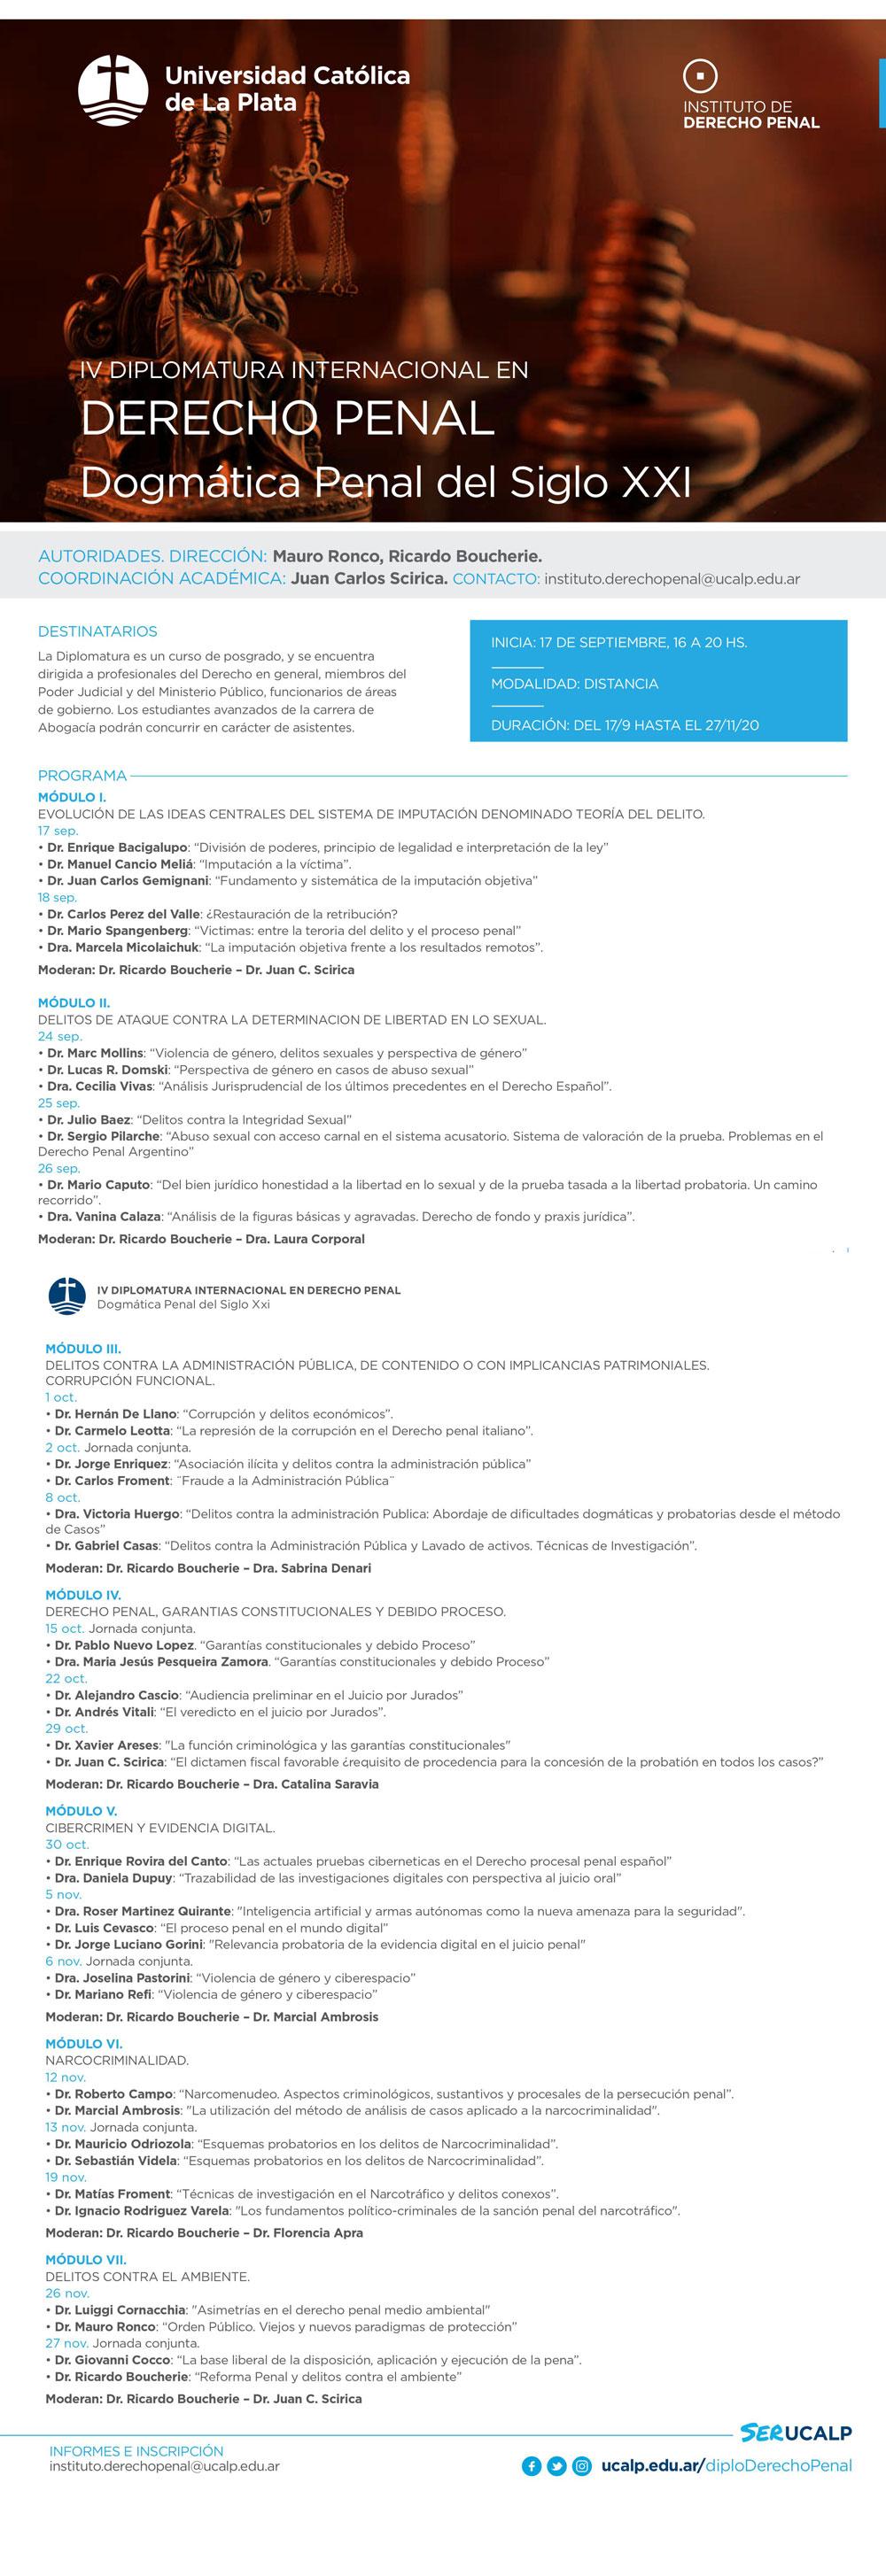 UCALP: IV Diplomatura Internacional de Derecho Penal Dogmática Penal del Siglo XXI